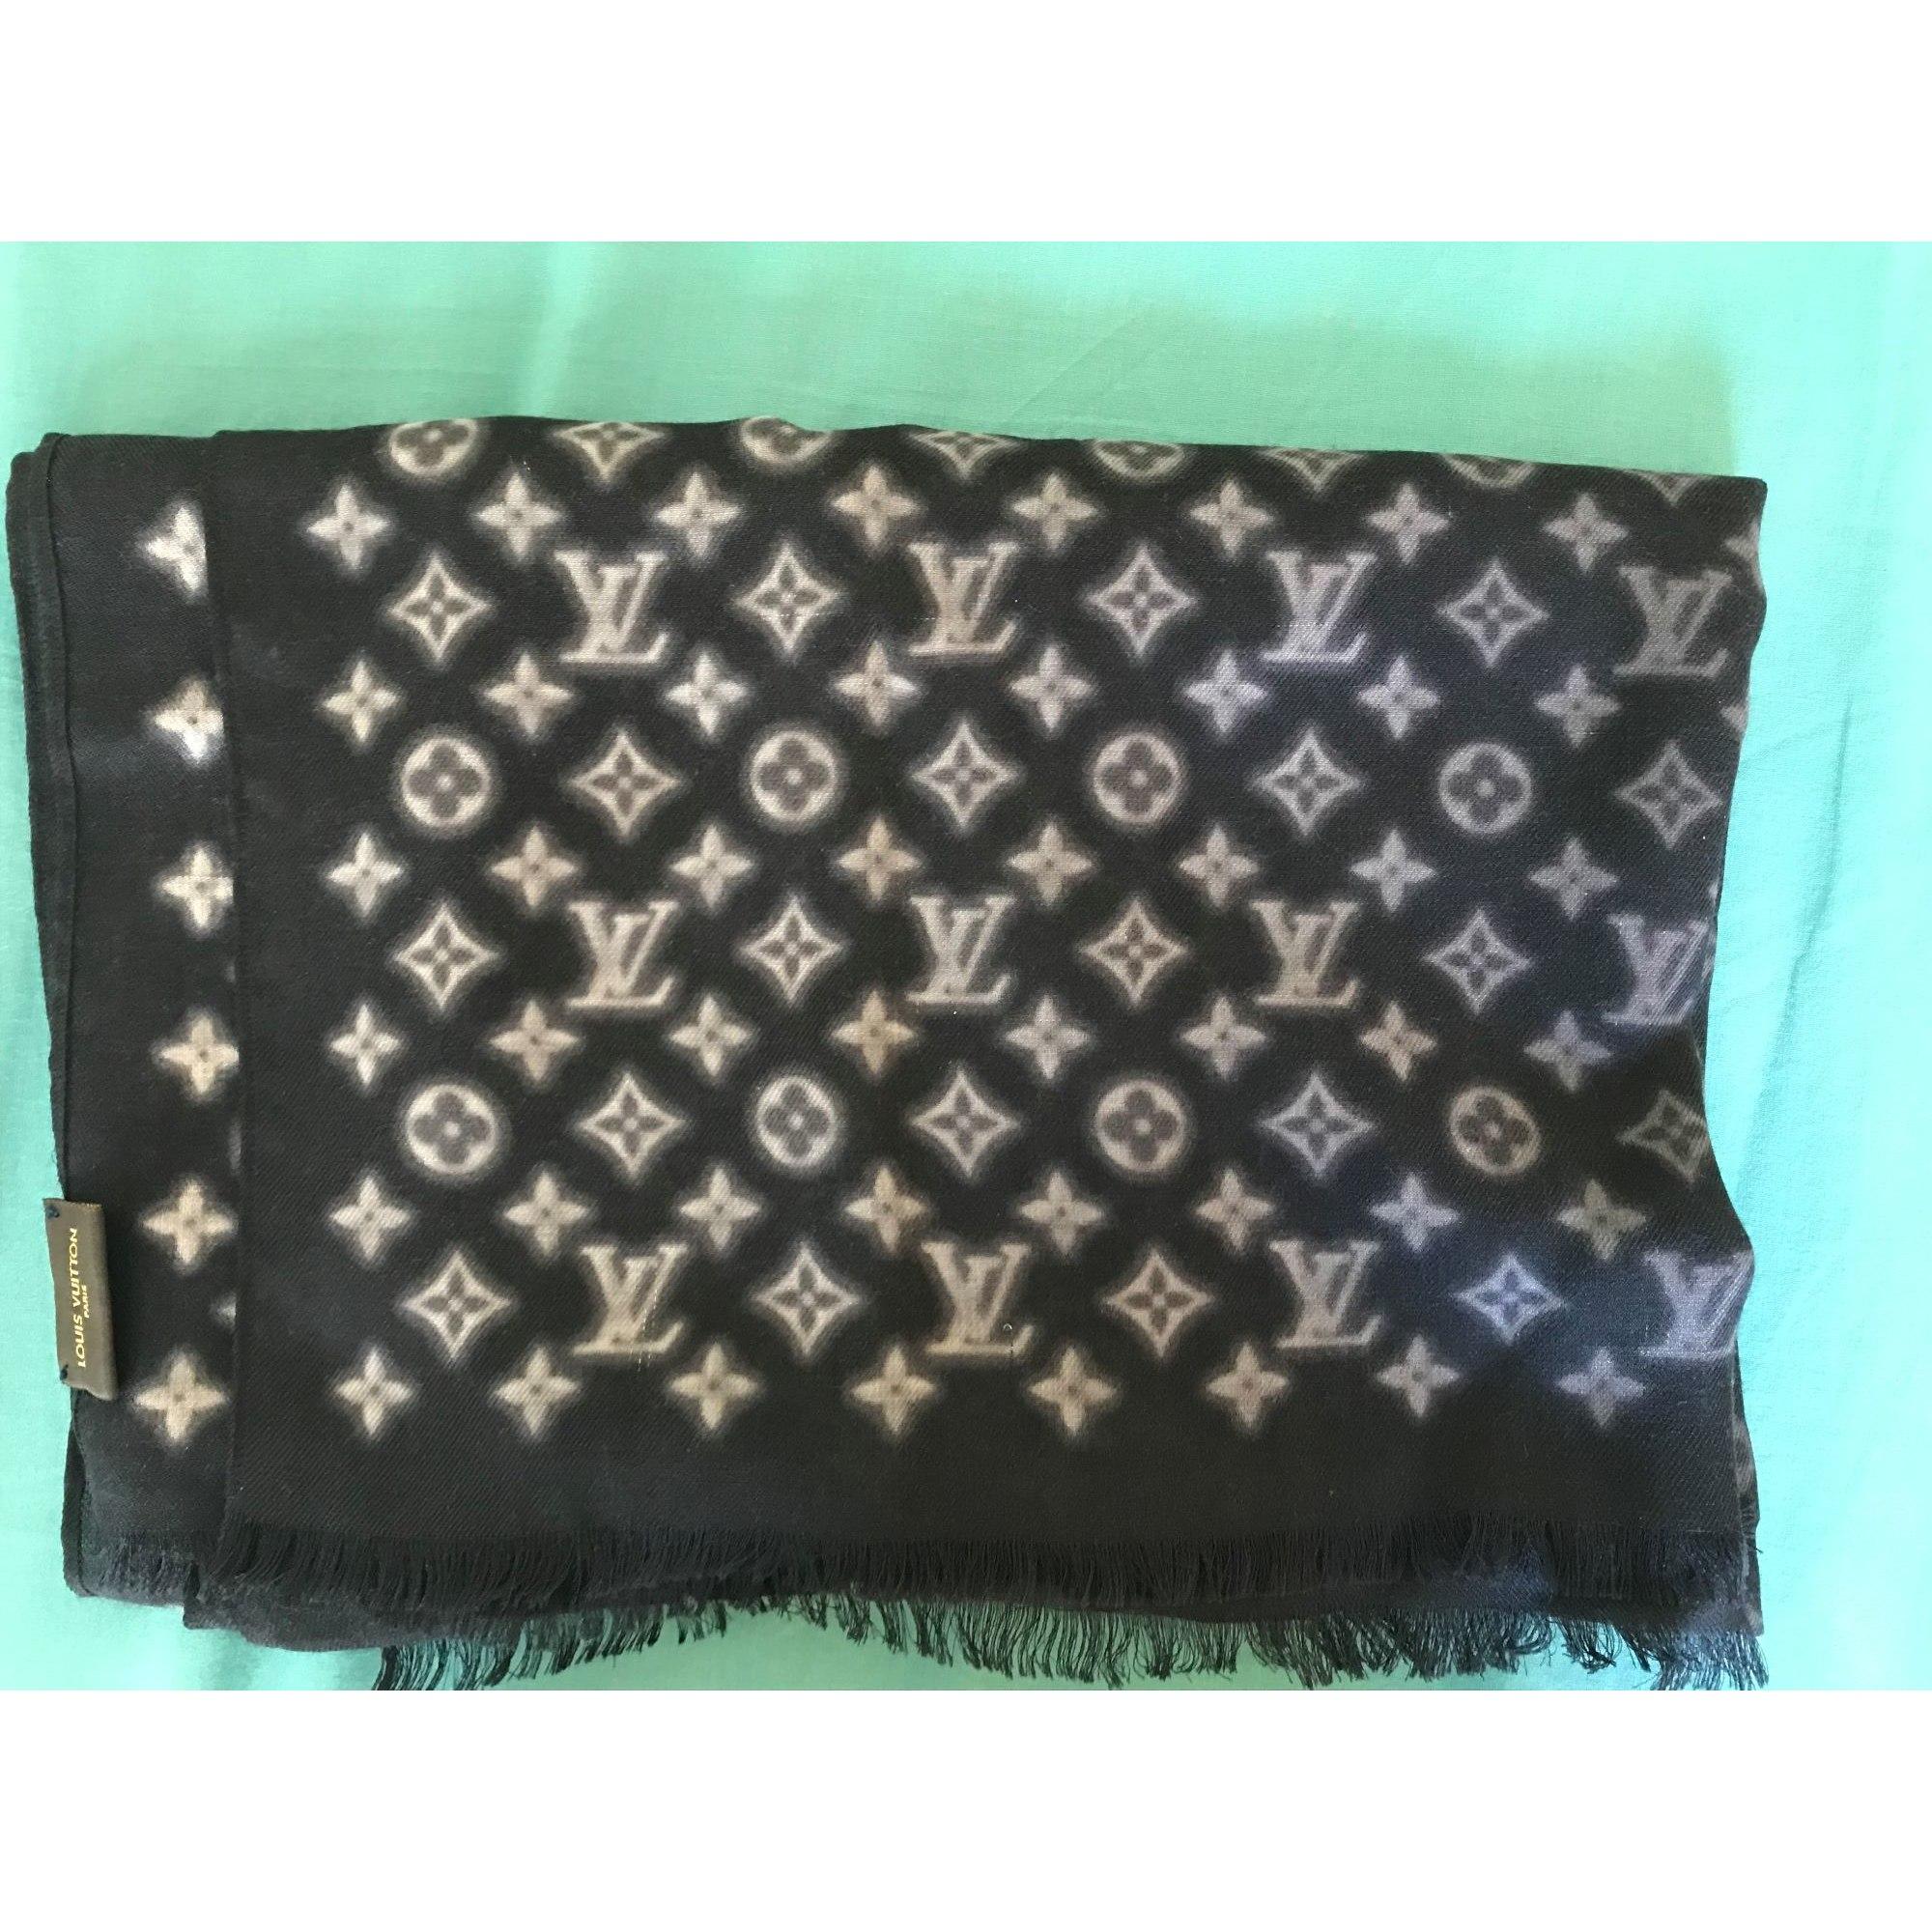 Echarpe LOUIS VUITTON noir vendu par Nthh69 - 7984412 37ec901d95d